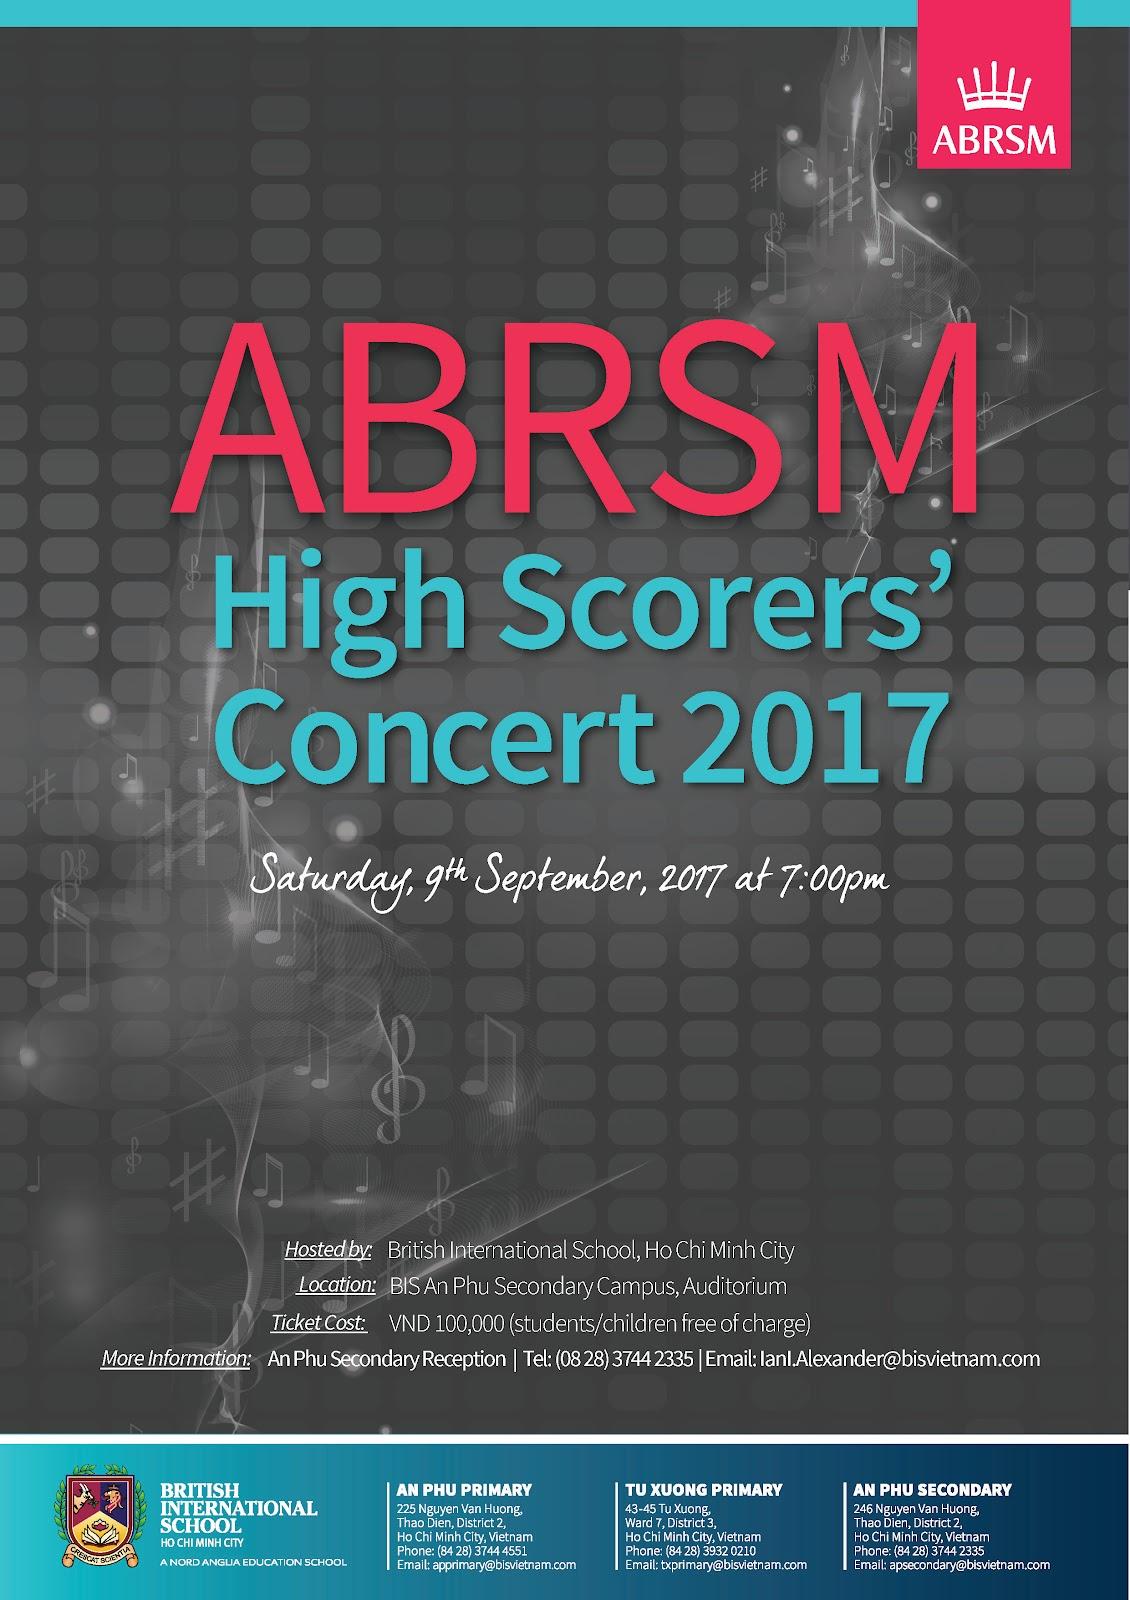 ABRSM_poster_2017-A.jpg